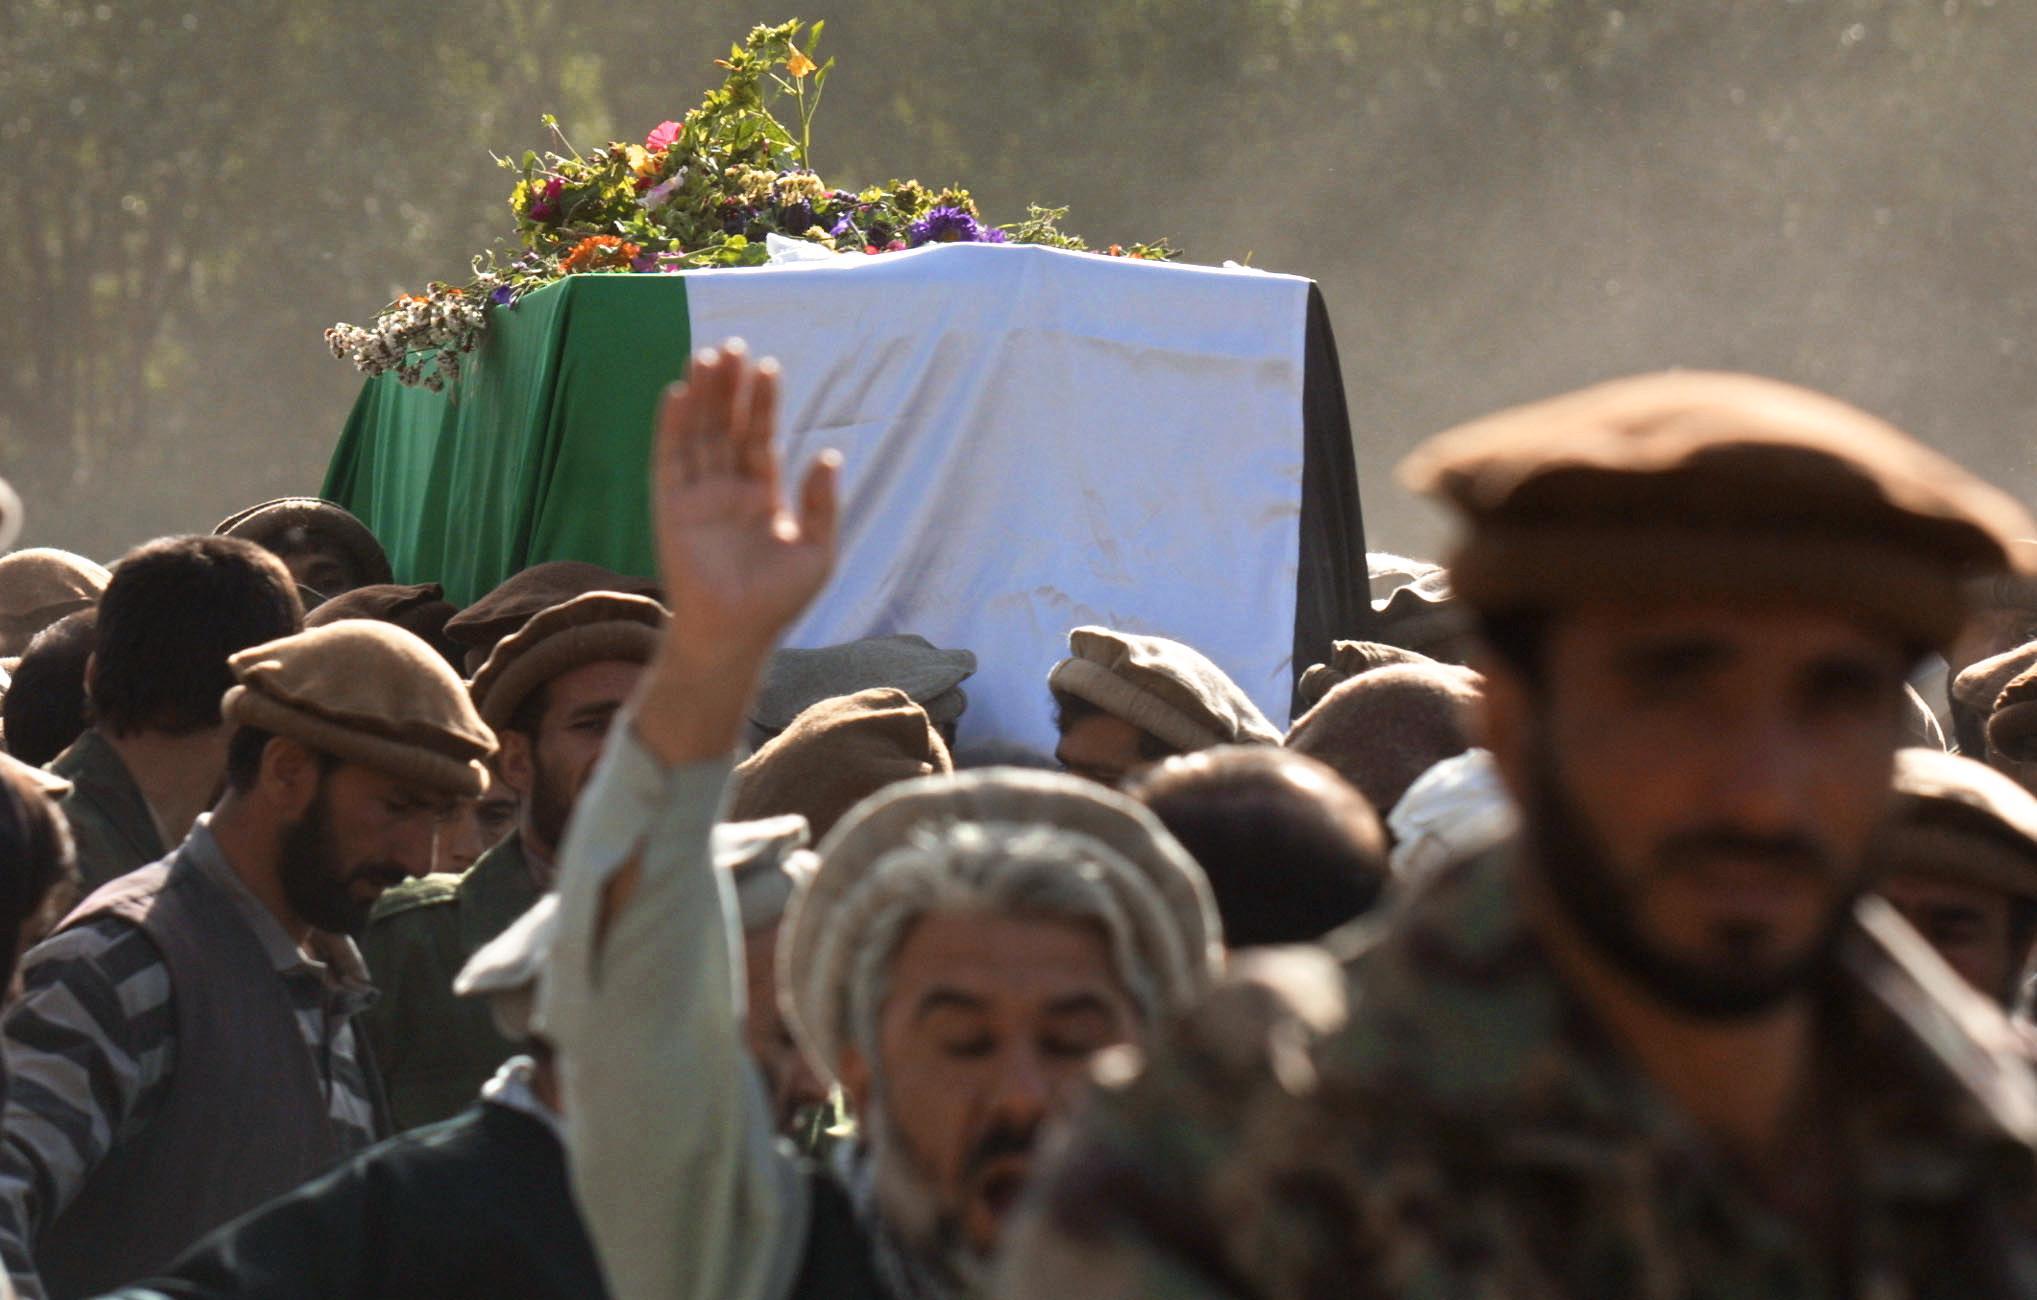 9/11 hijackers terrorism WTC Ahmad Shah Massoud